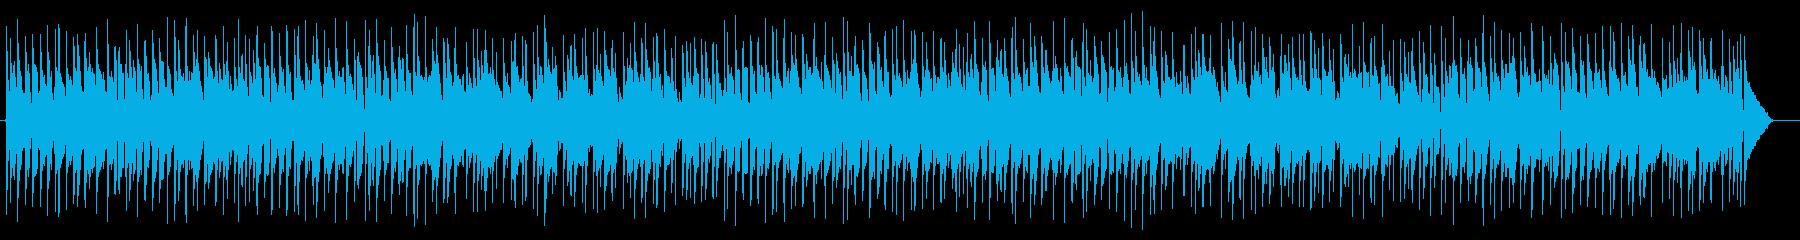 セピア感のあるピアノシンセの再生済みの波形